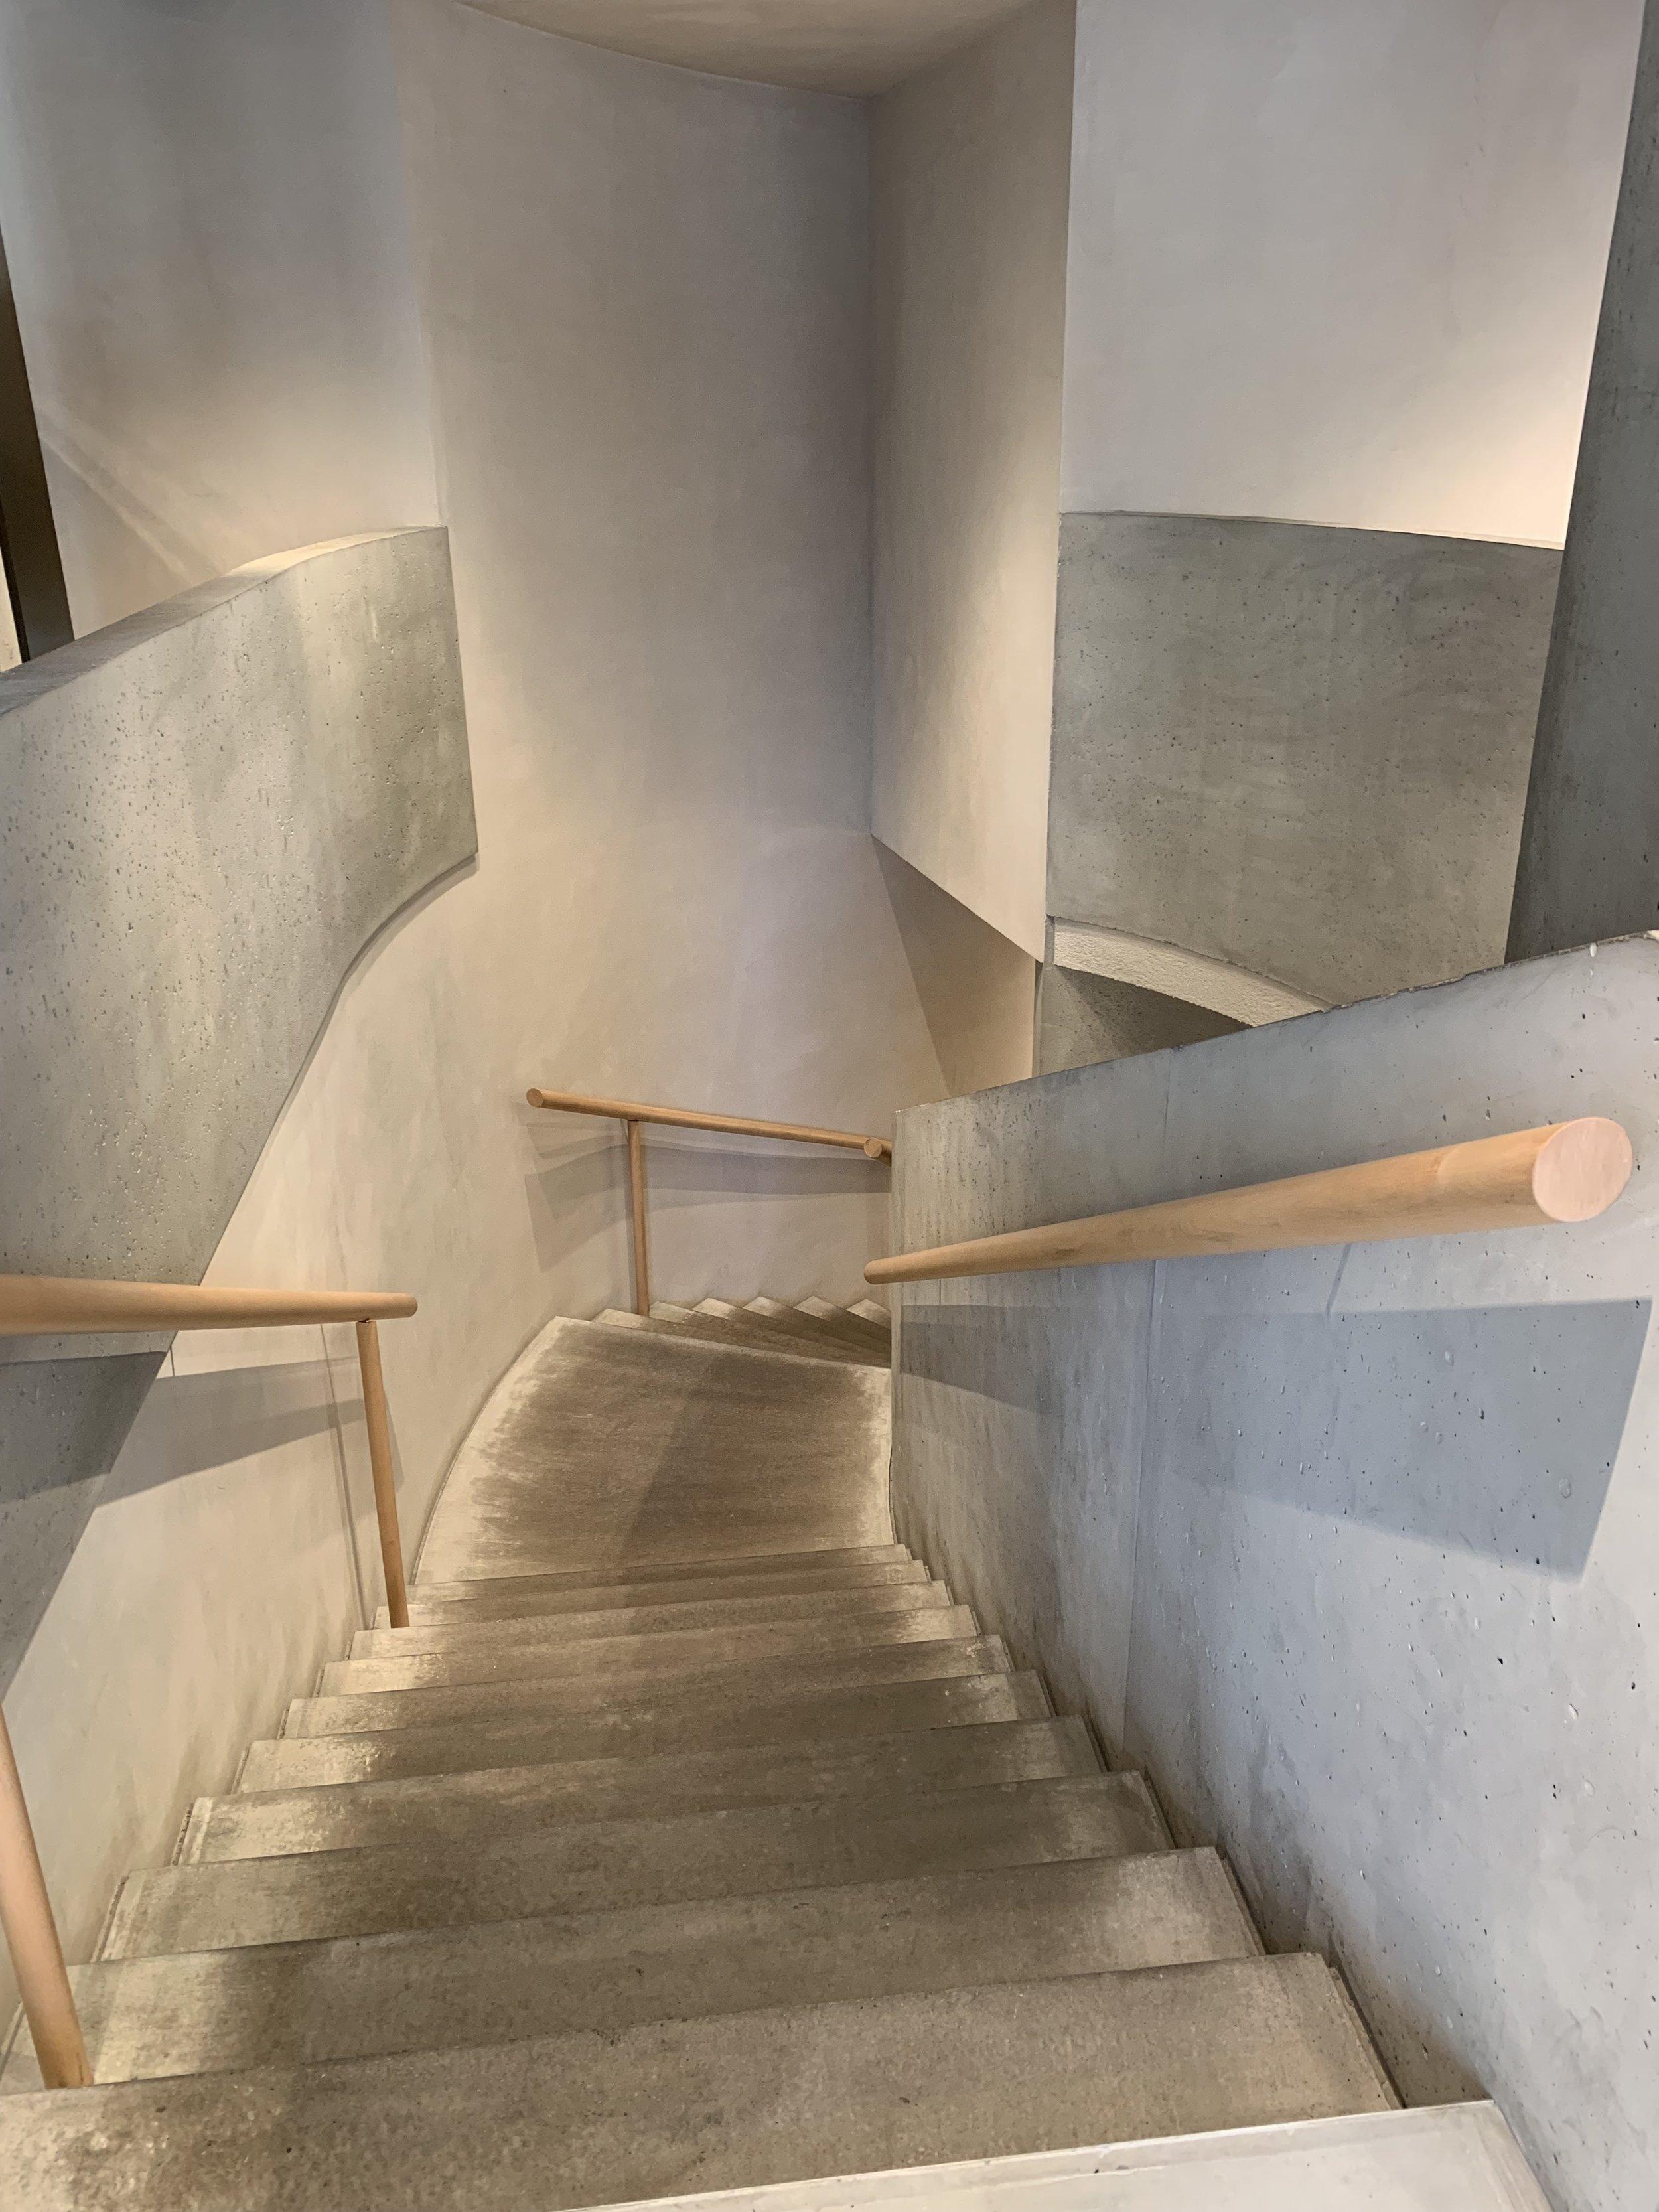 047 Salone del Mobile 2019 Lex de gooijer interiors rotterdam.JPG